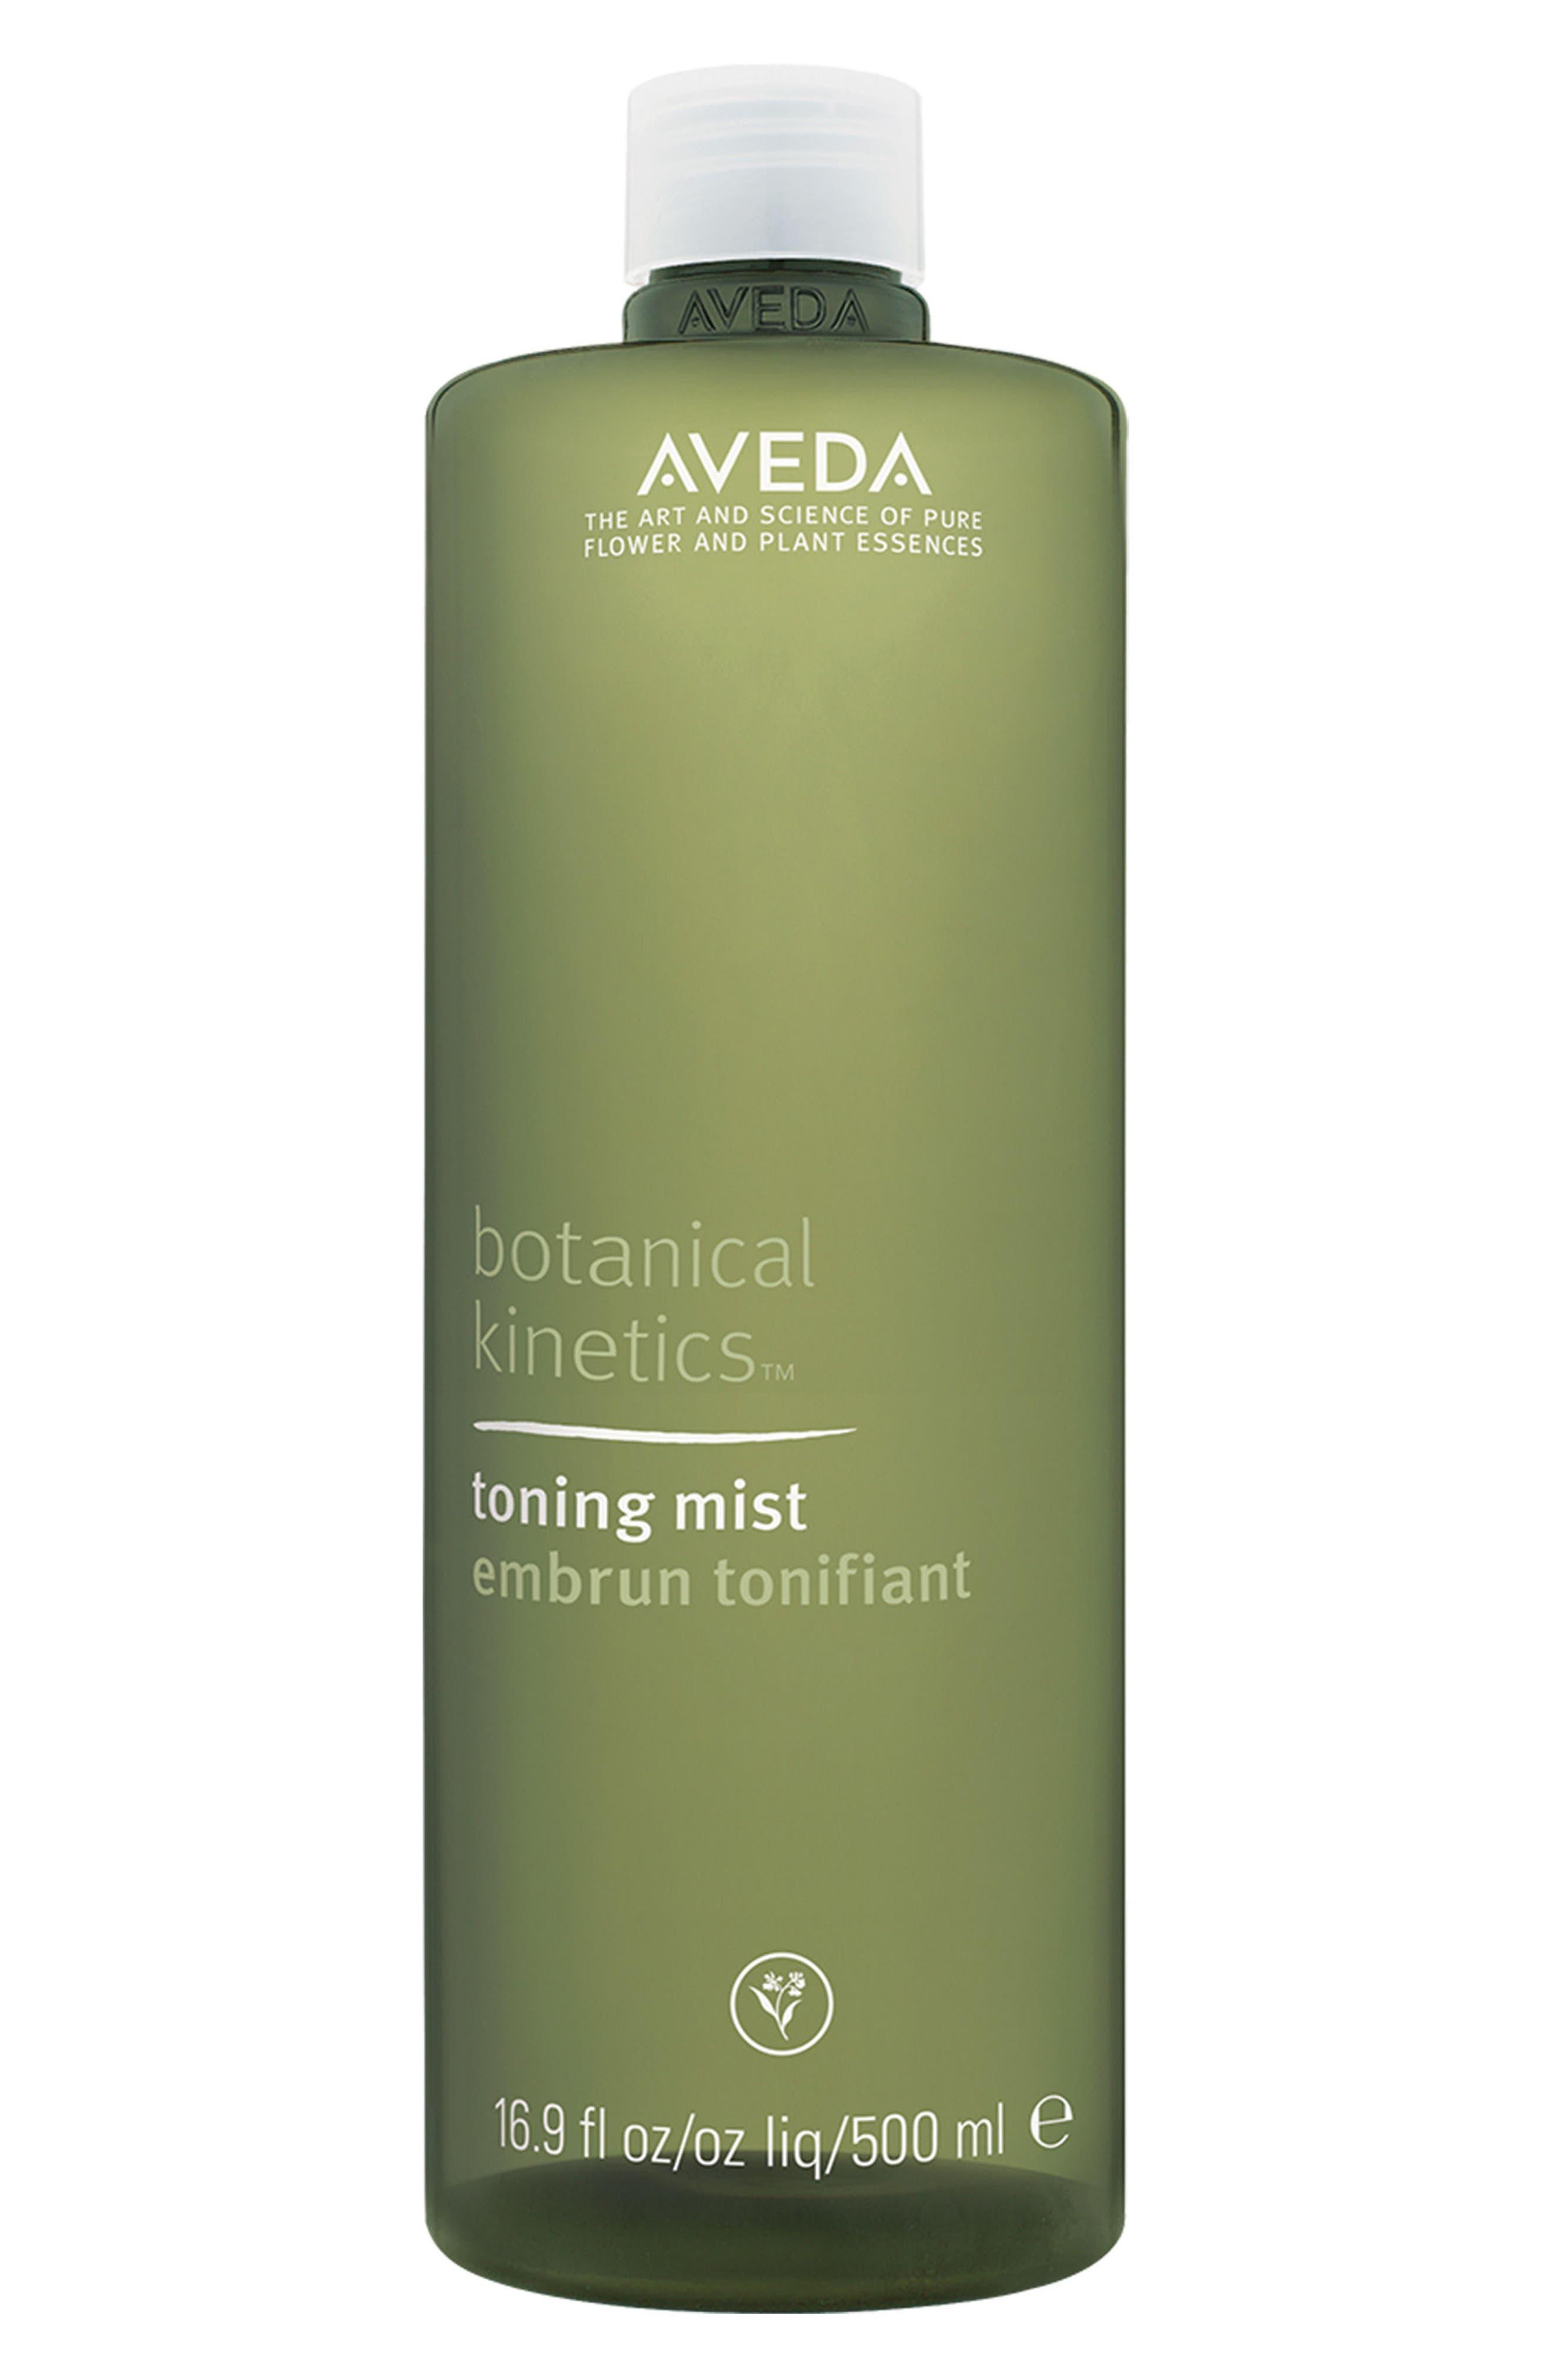 Main Image - Aveda 'botanical kinetics™' Toning Mist